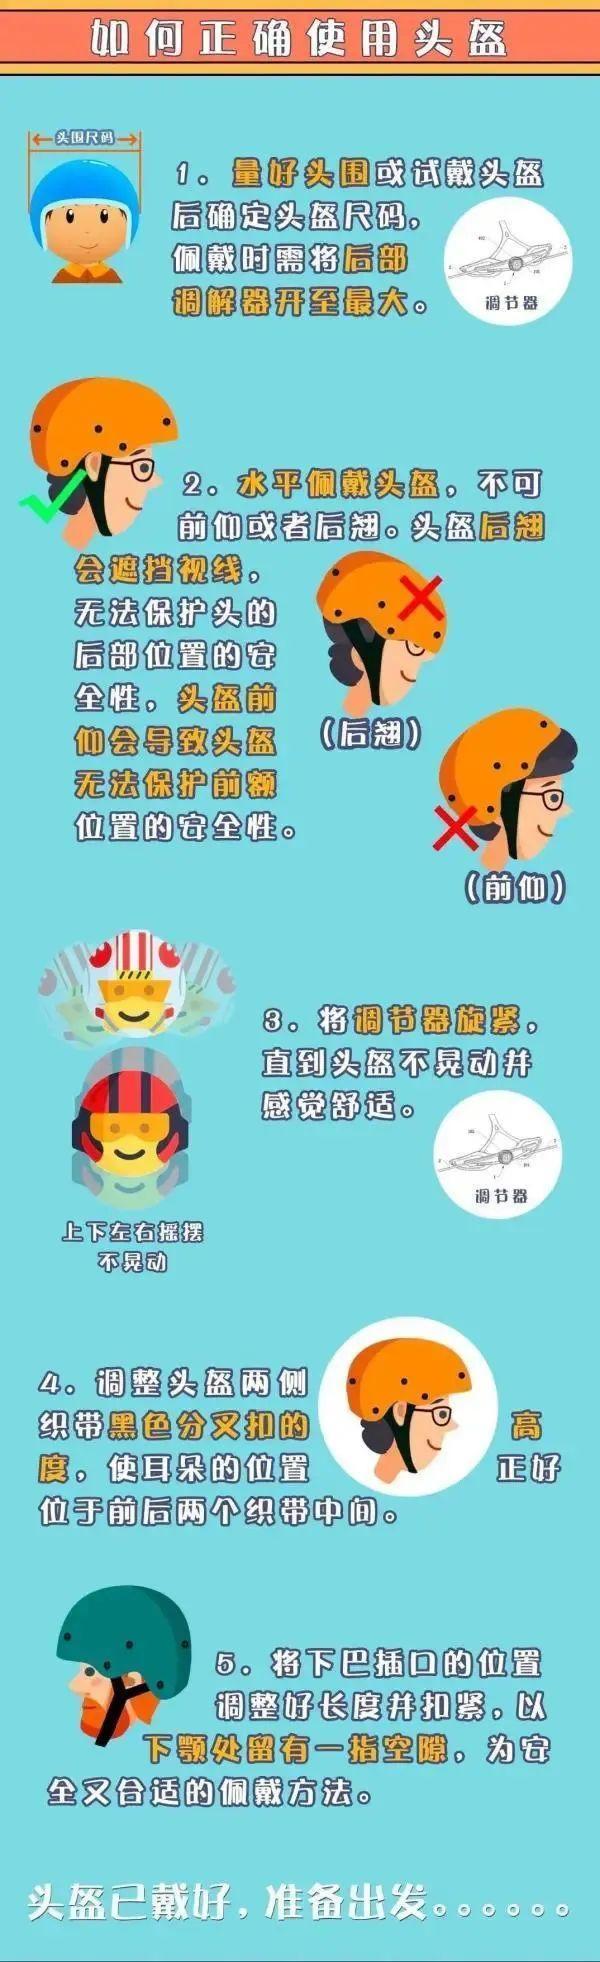 浙江电动自行车新法7月1日施行,头盔价格暴涨!